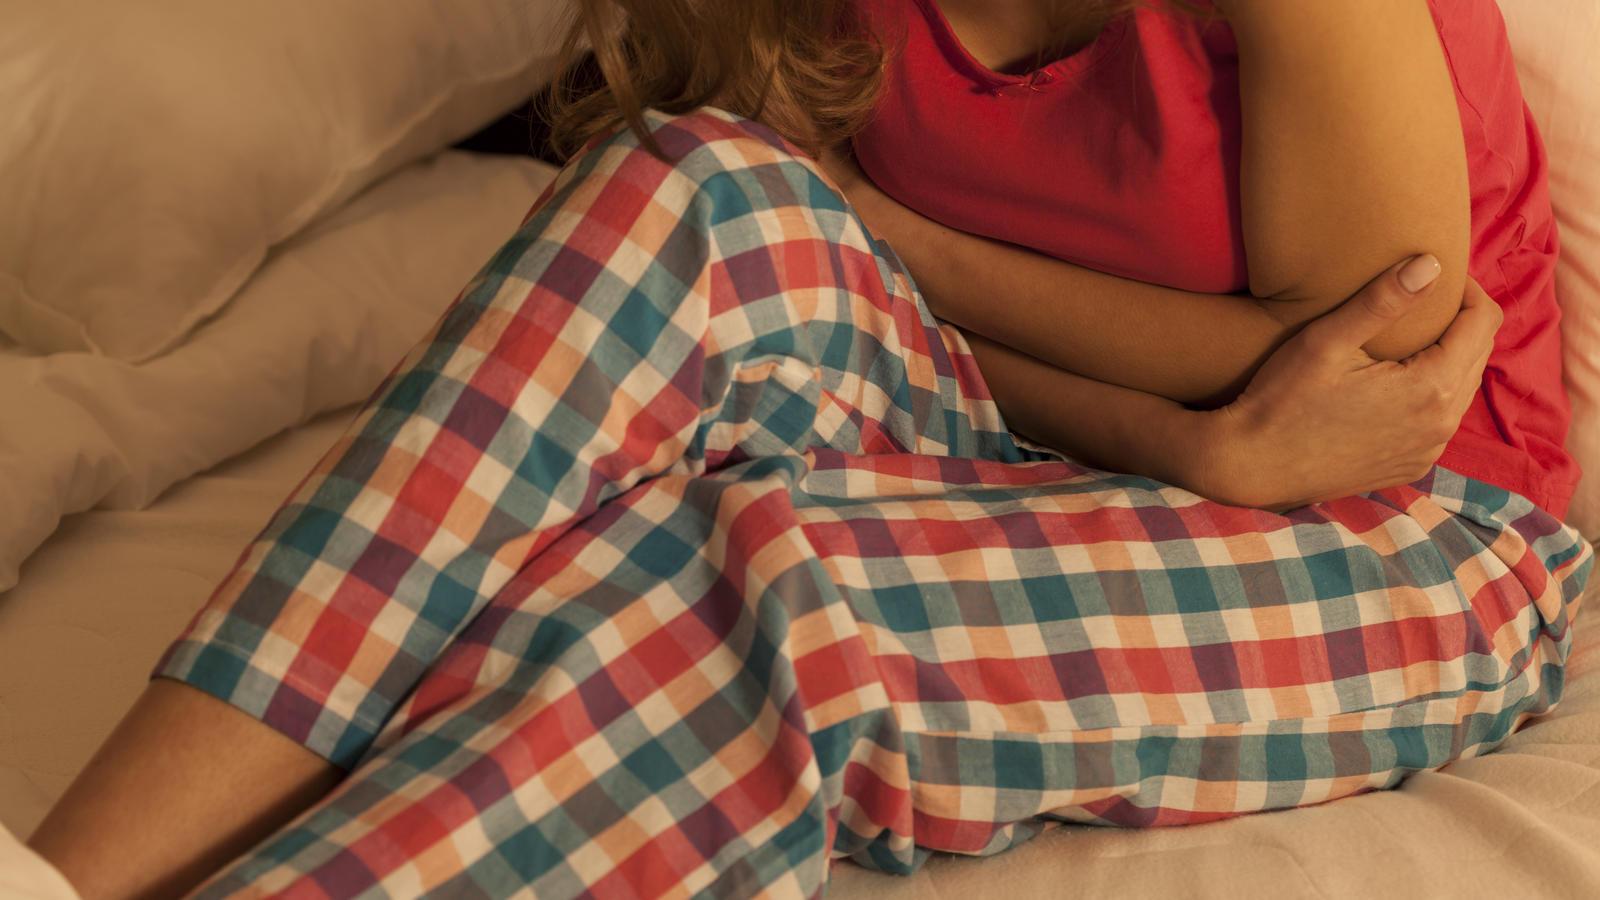 Gelber Stuhlgang Ursachen Und Behandlungsmöglichkeiten